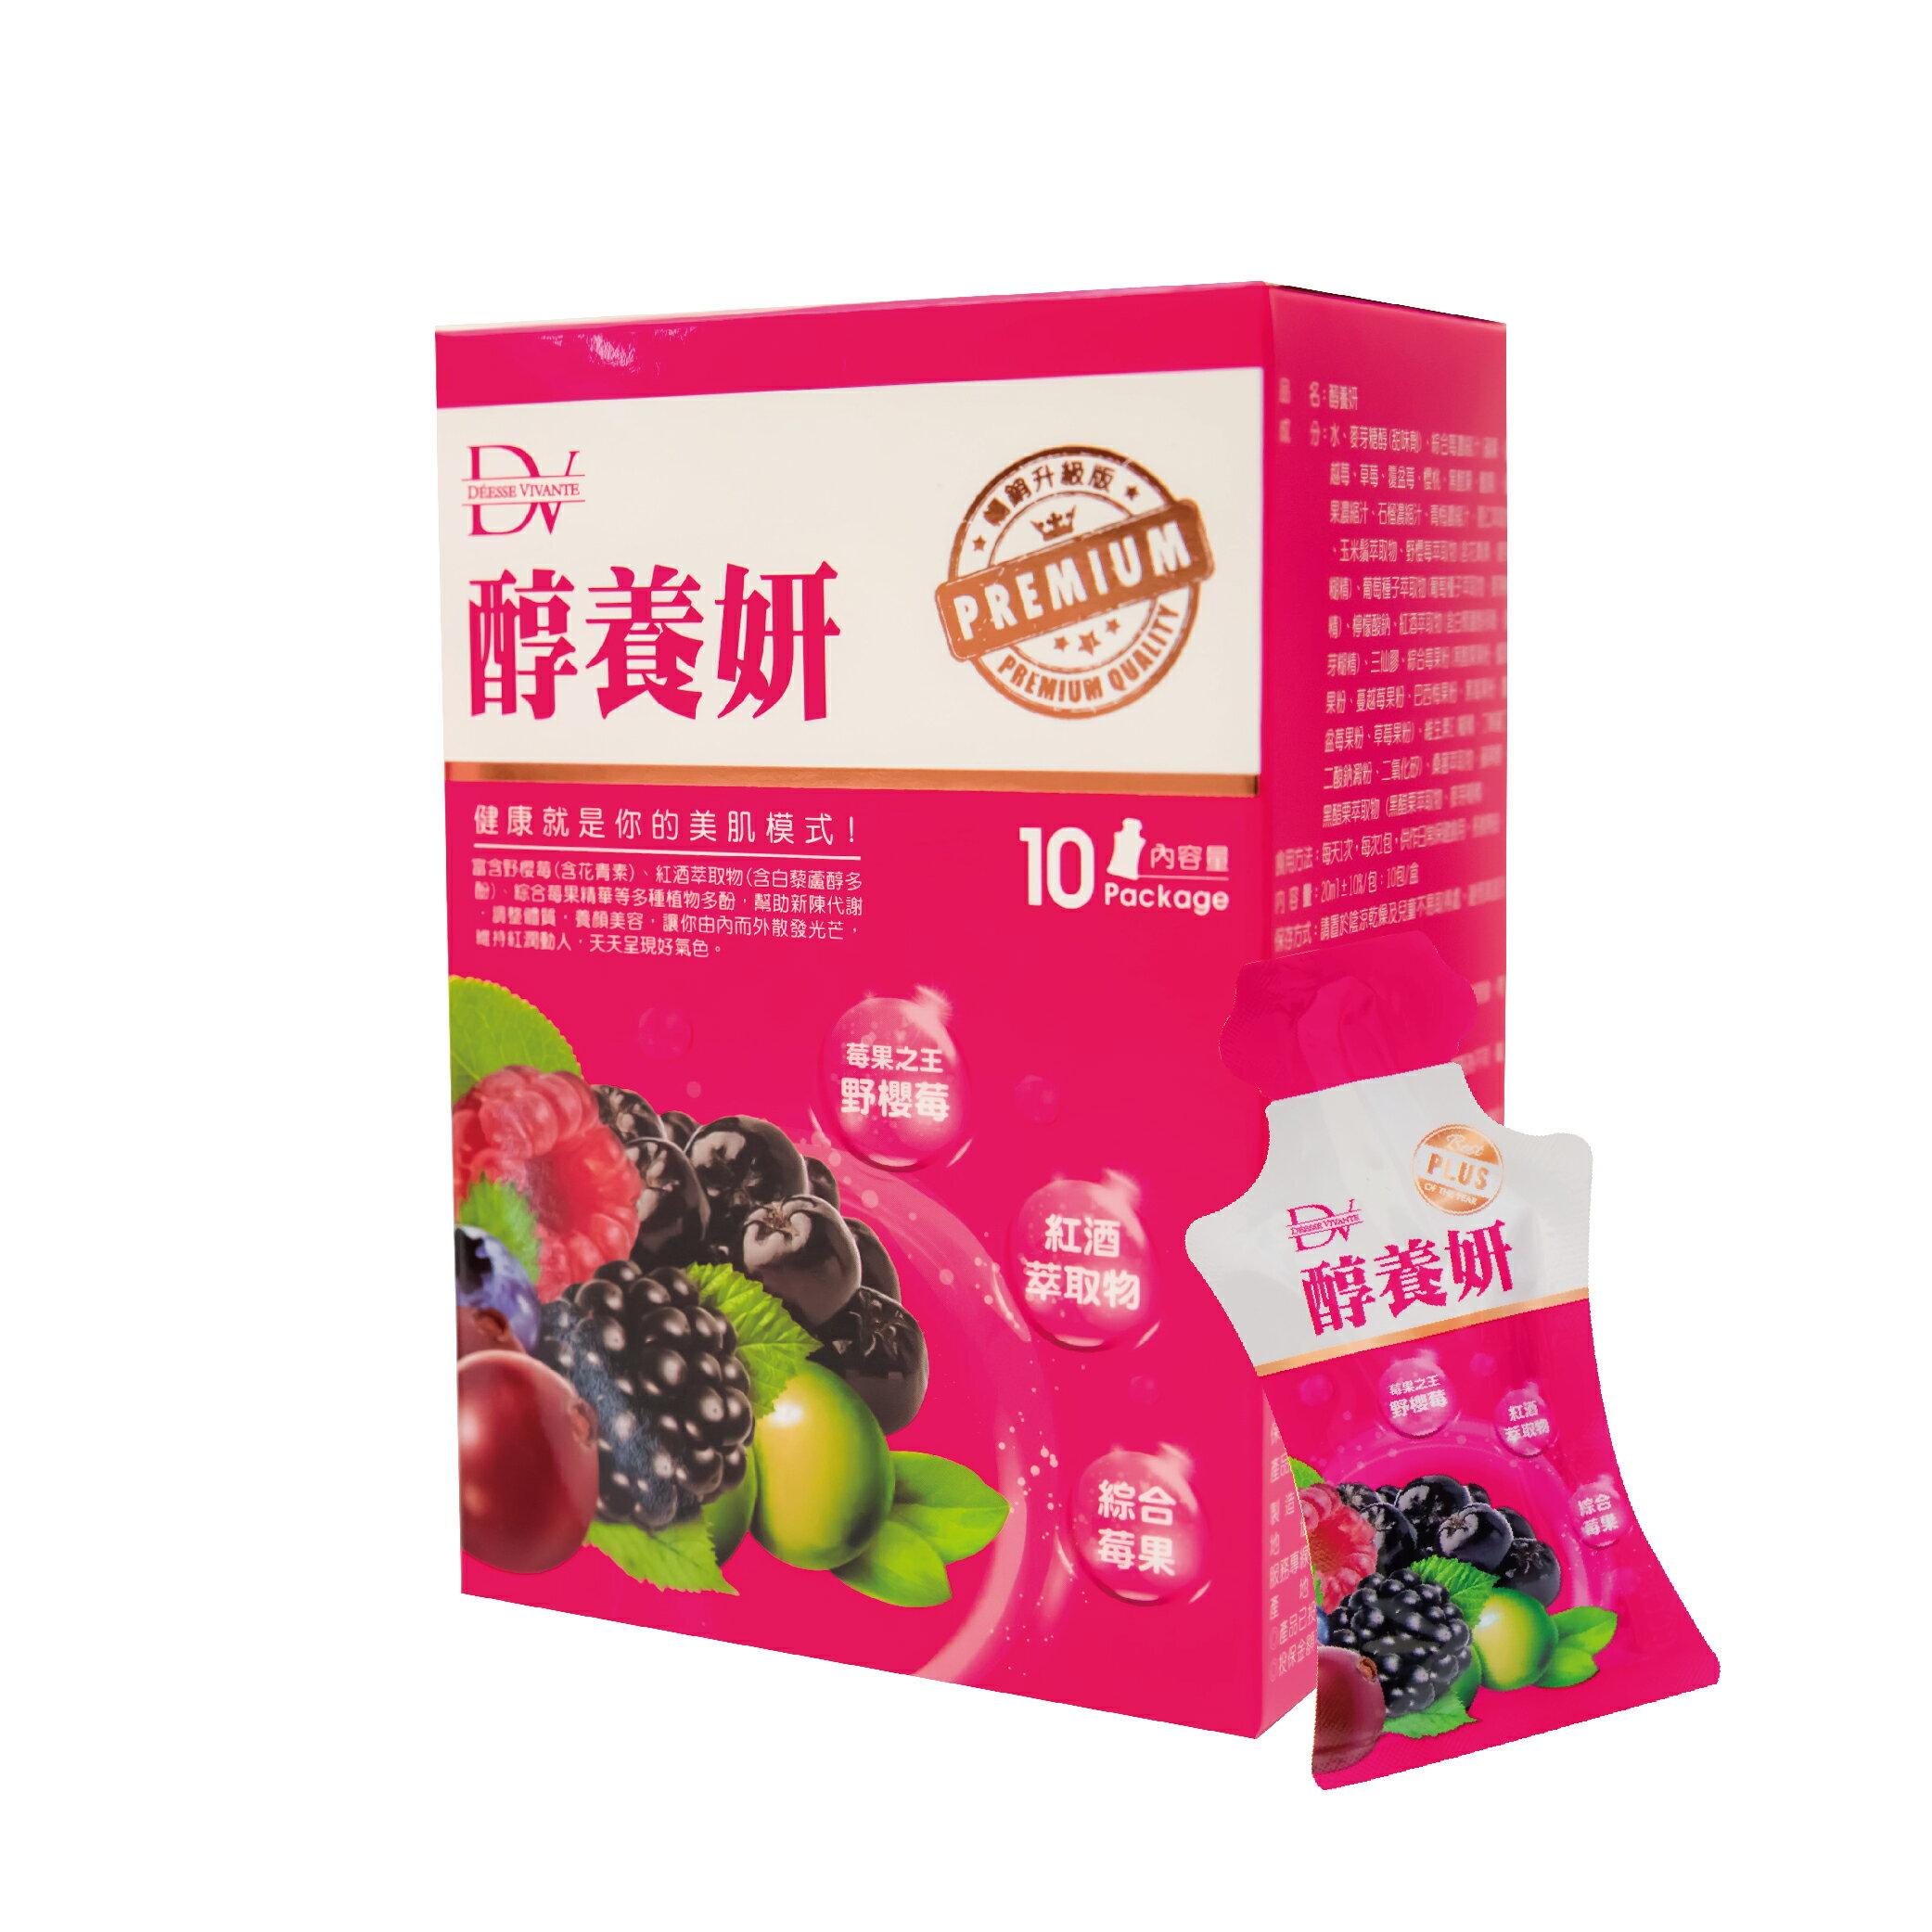 【賈靜雯代言】醇養妍暢銷升級 皇家野櫻莓最新版 1入 (20ml/10包/盒)